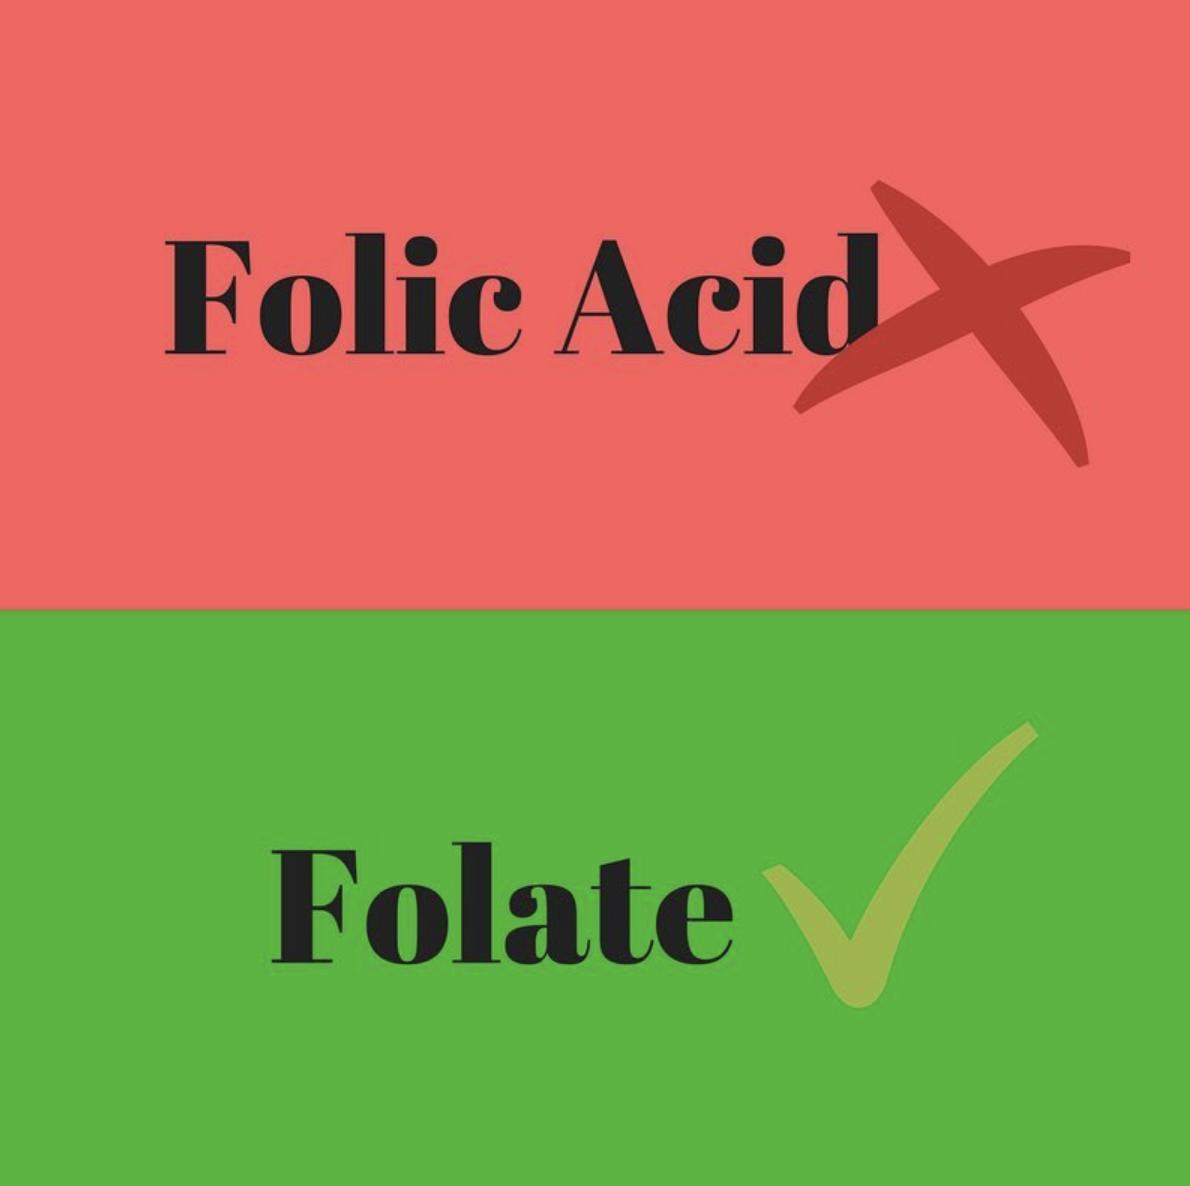 folic acid vs folate.png